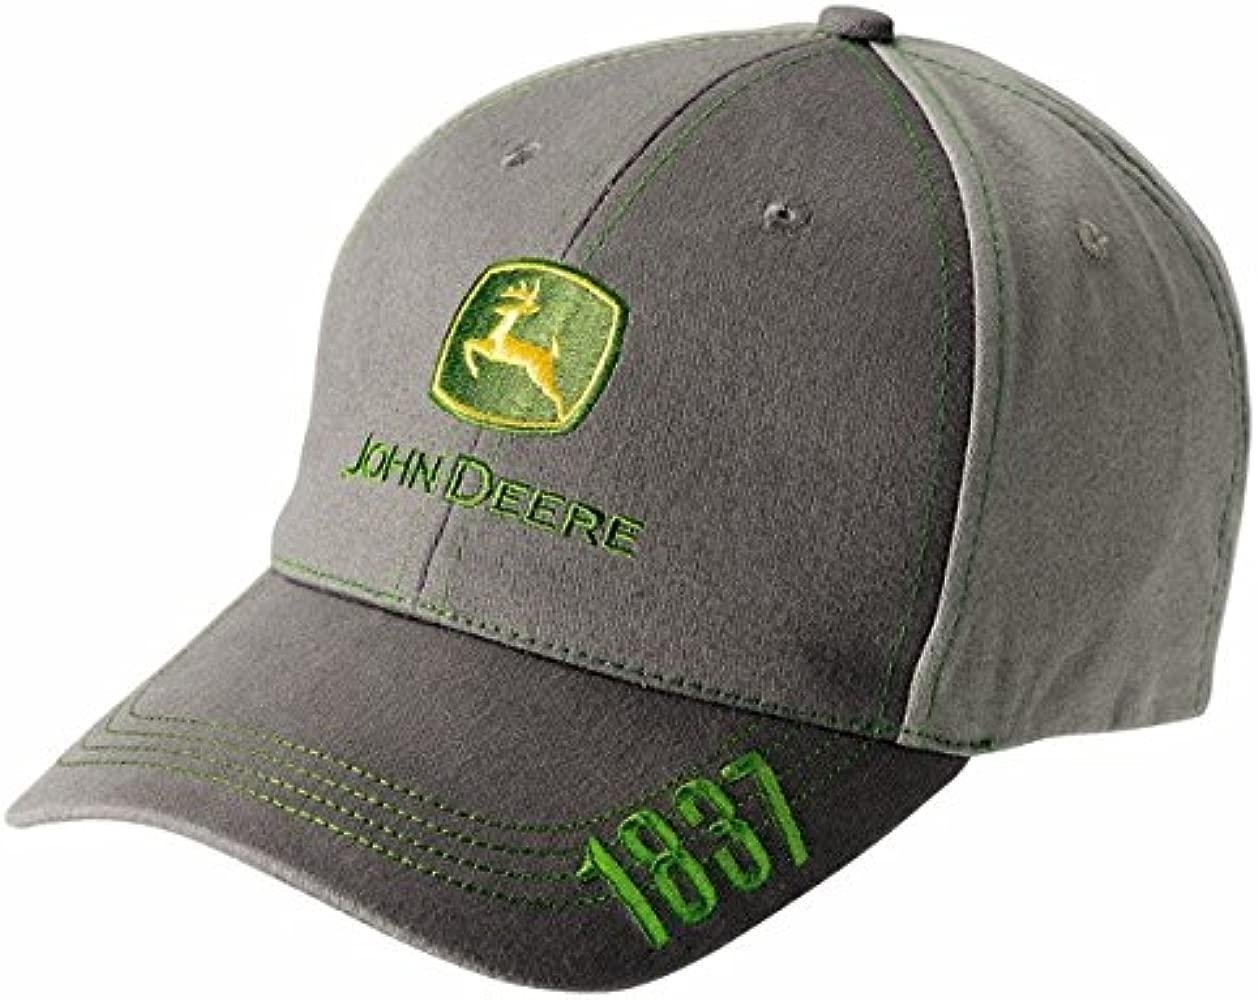 John Deere - Gorra de béisbol - para hombre: Amazon.es: Ropa y ...